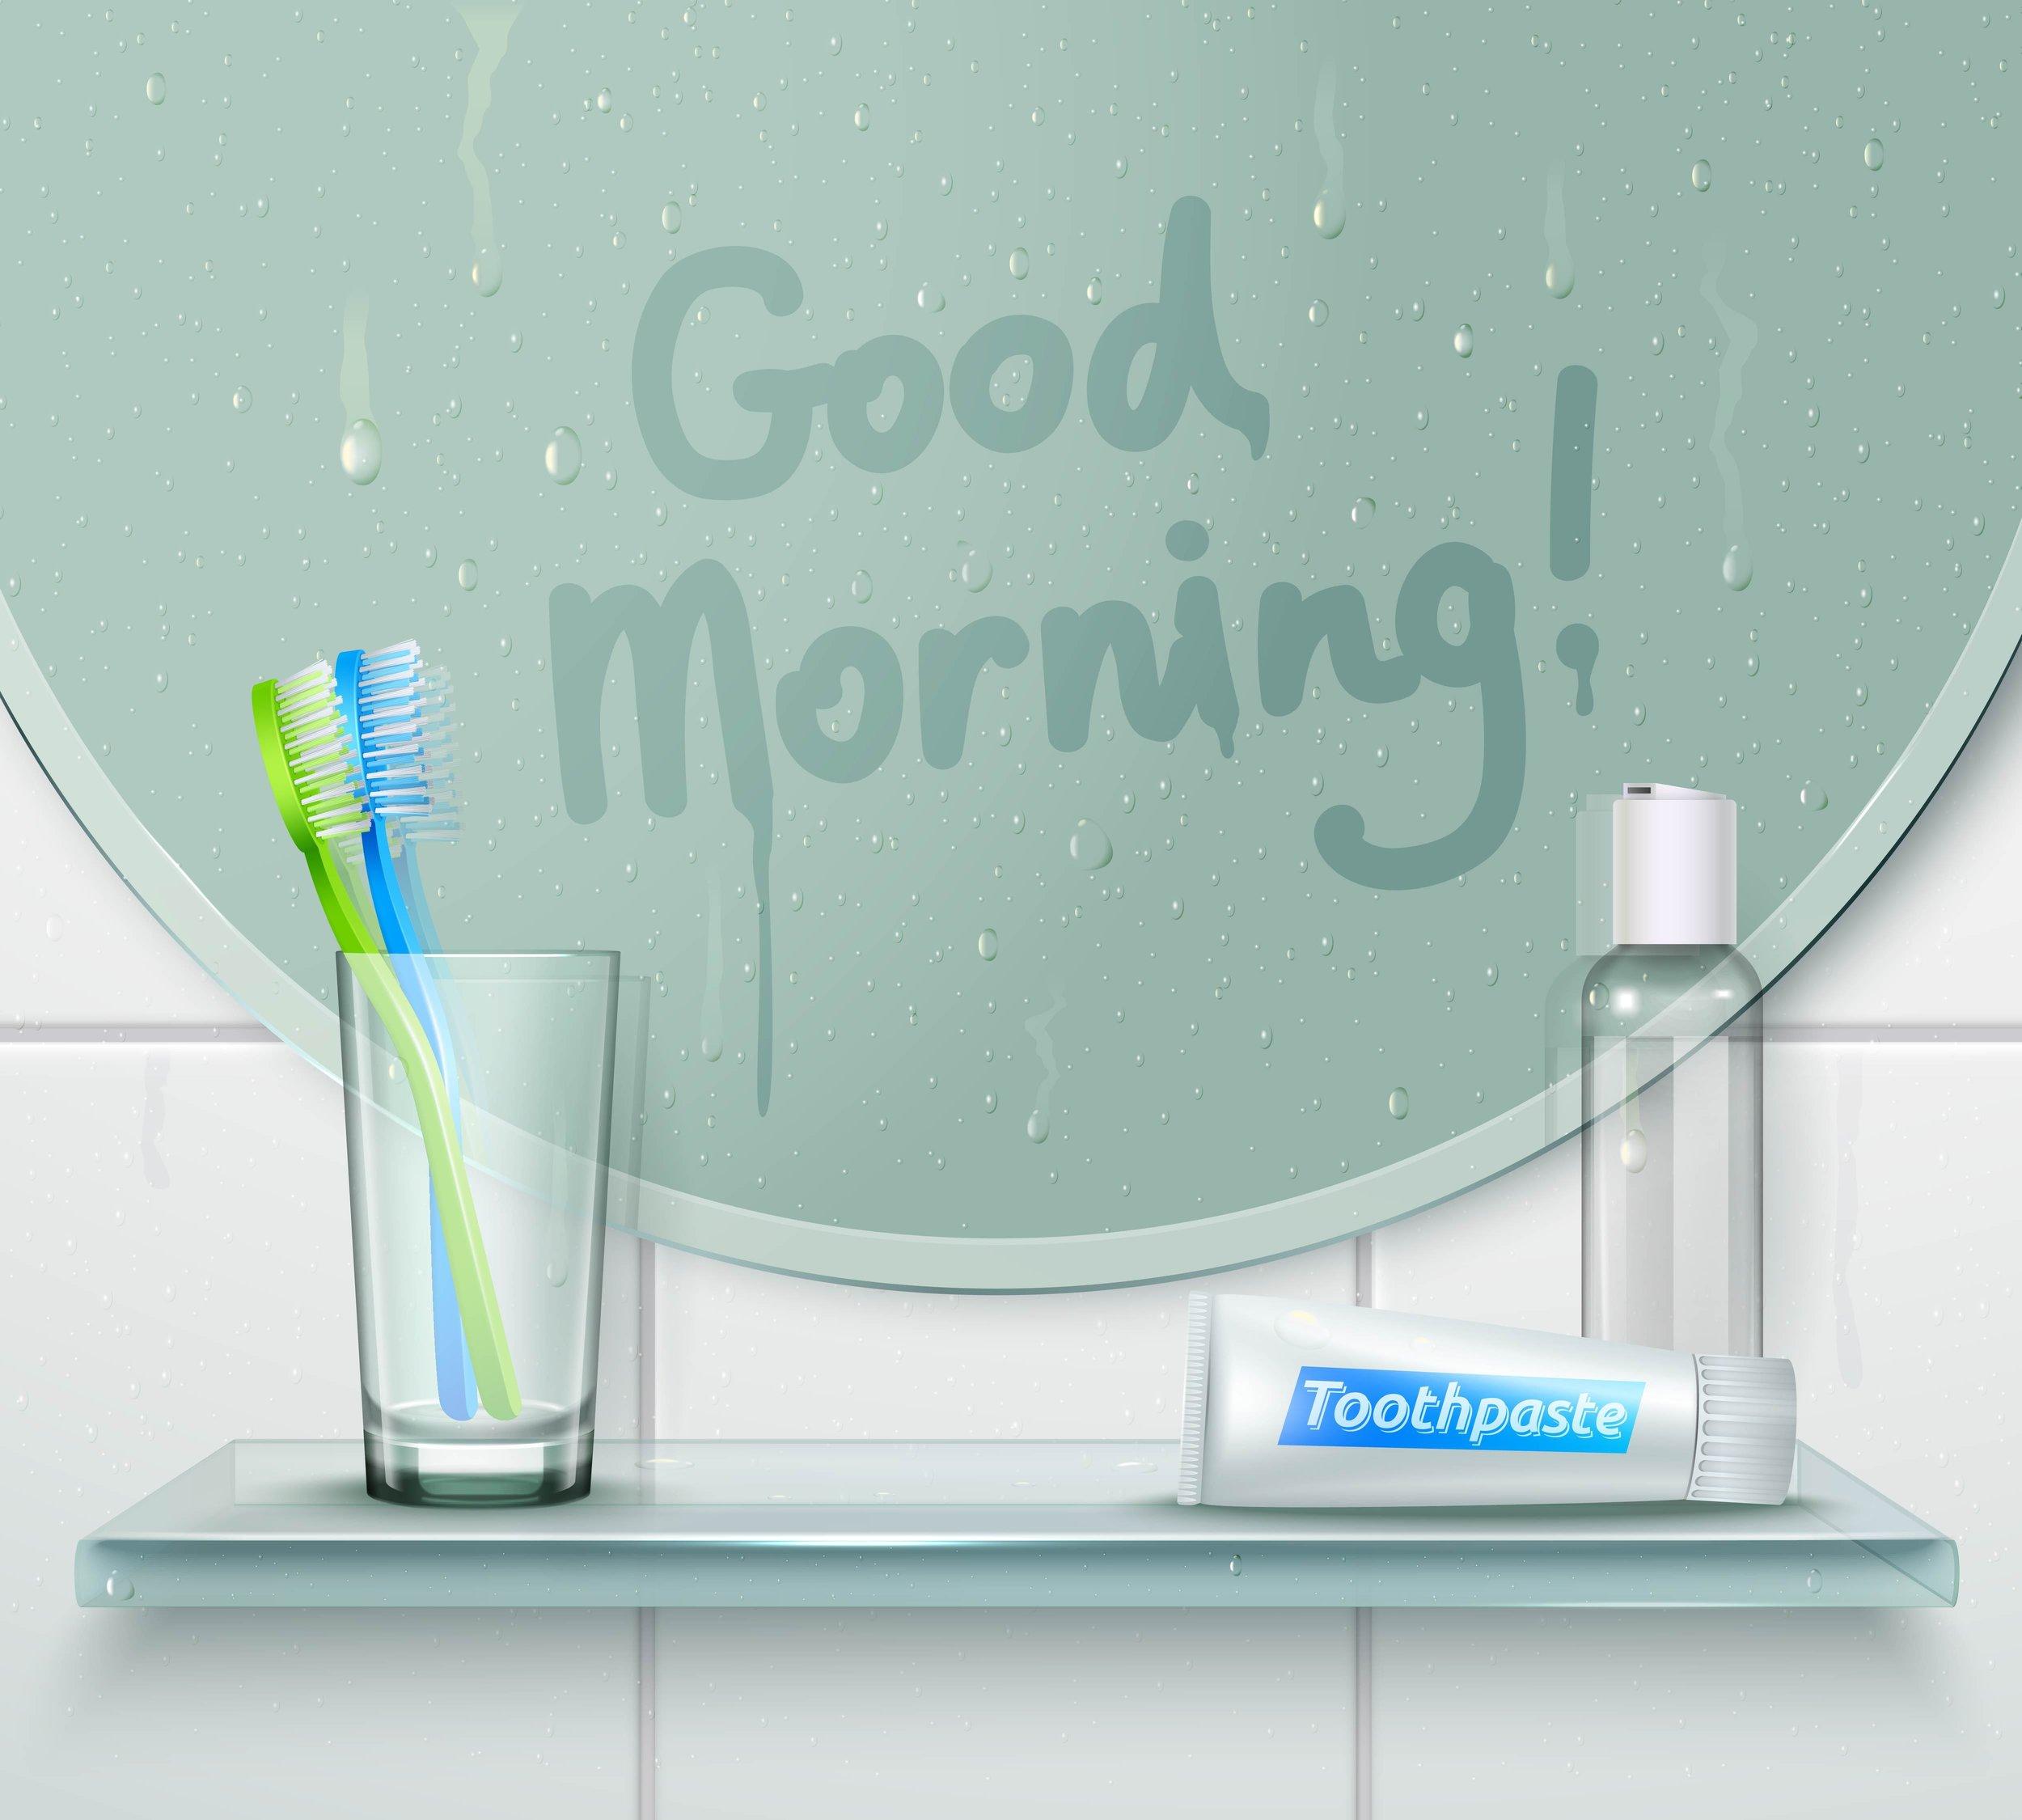 steam-mirror-toothpaste.jpg